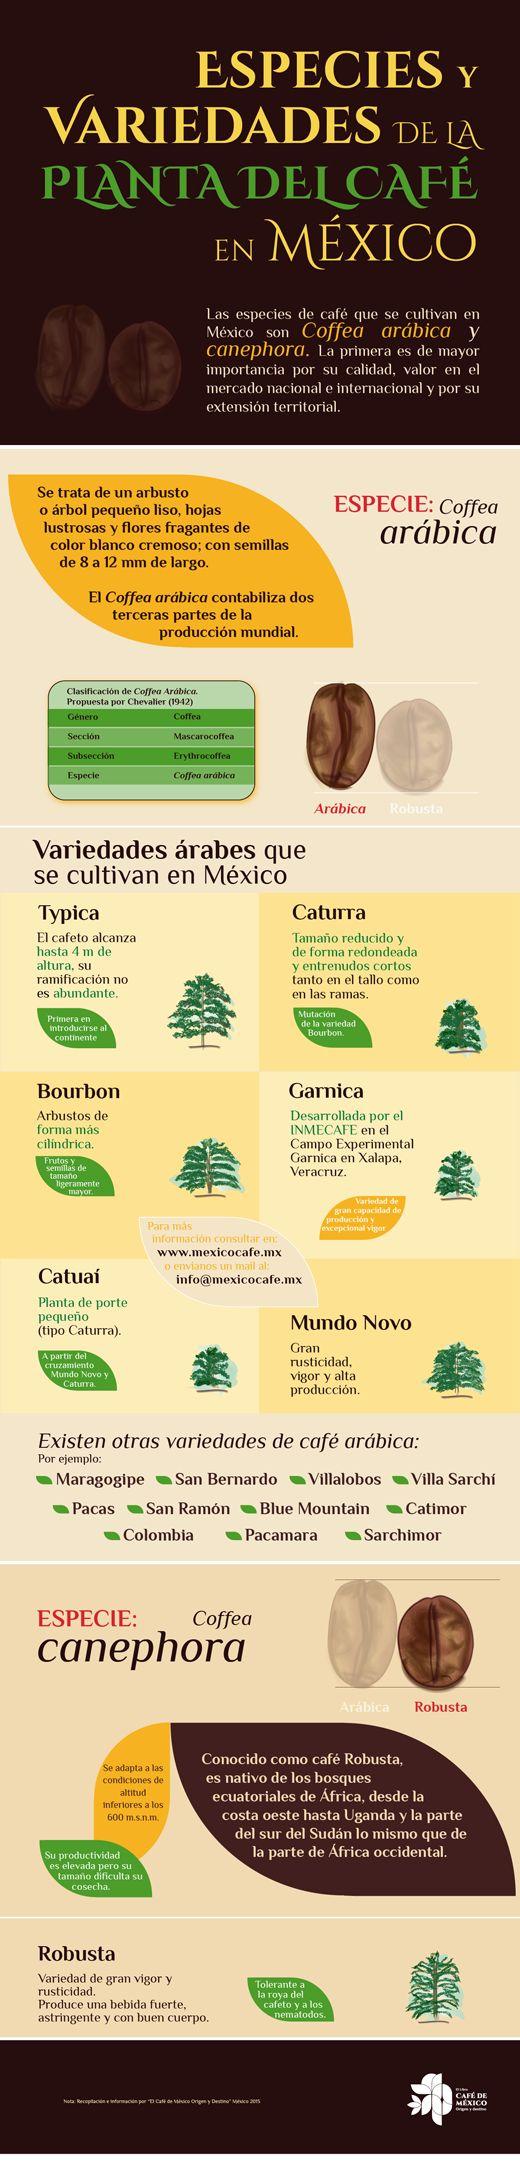 Especies y variedades de la planta del café en México. Las especies de café que se cultivan en México son Coffea arábica y Canephora.